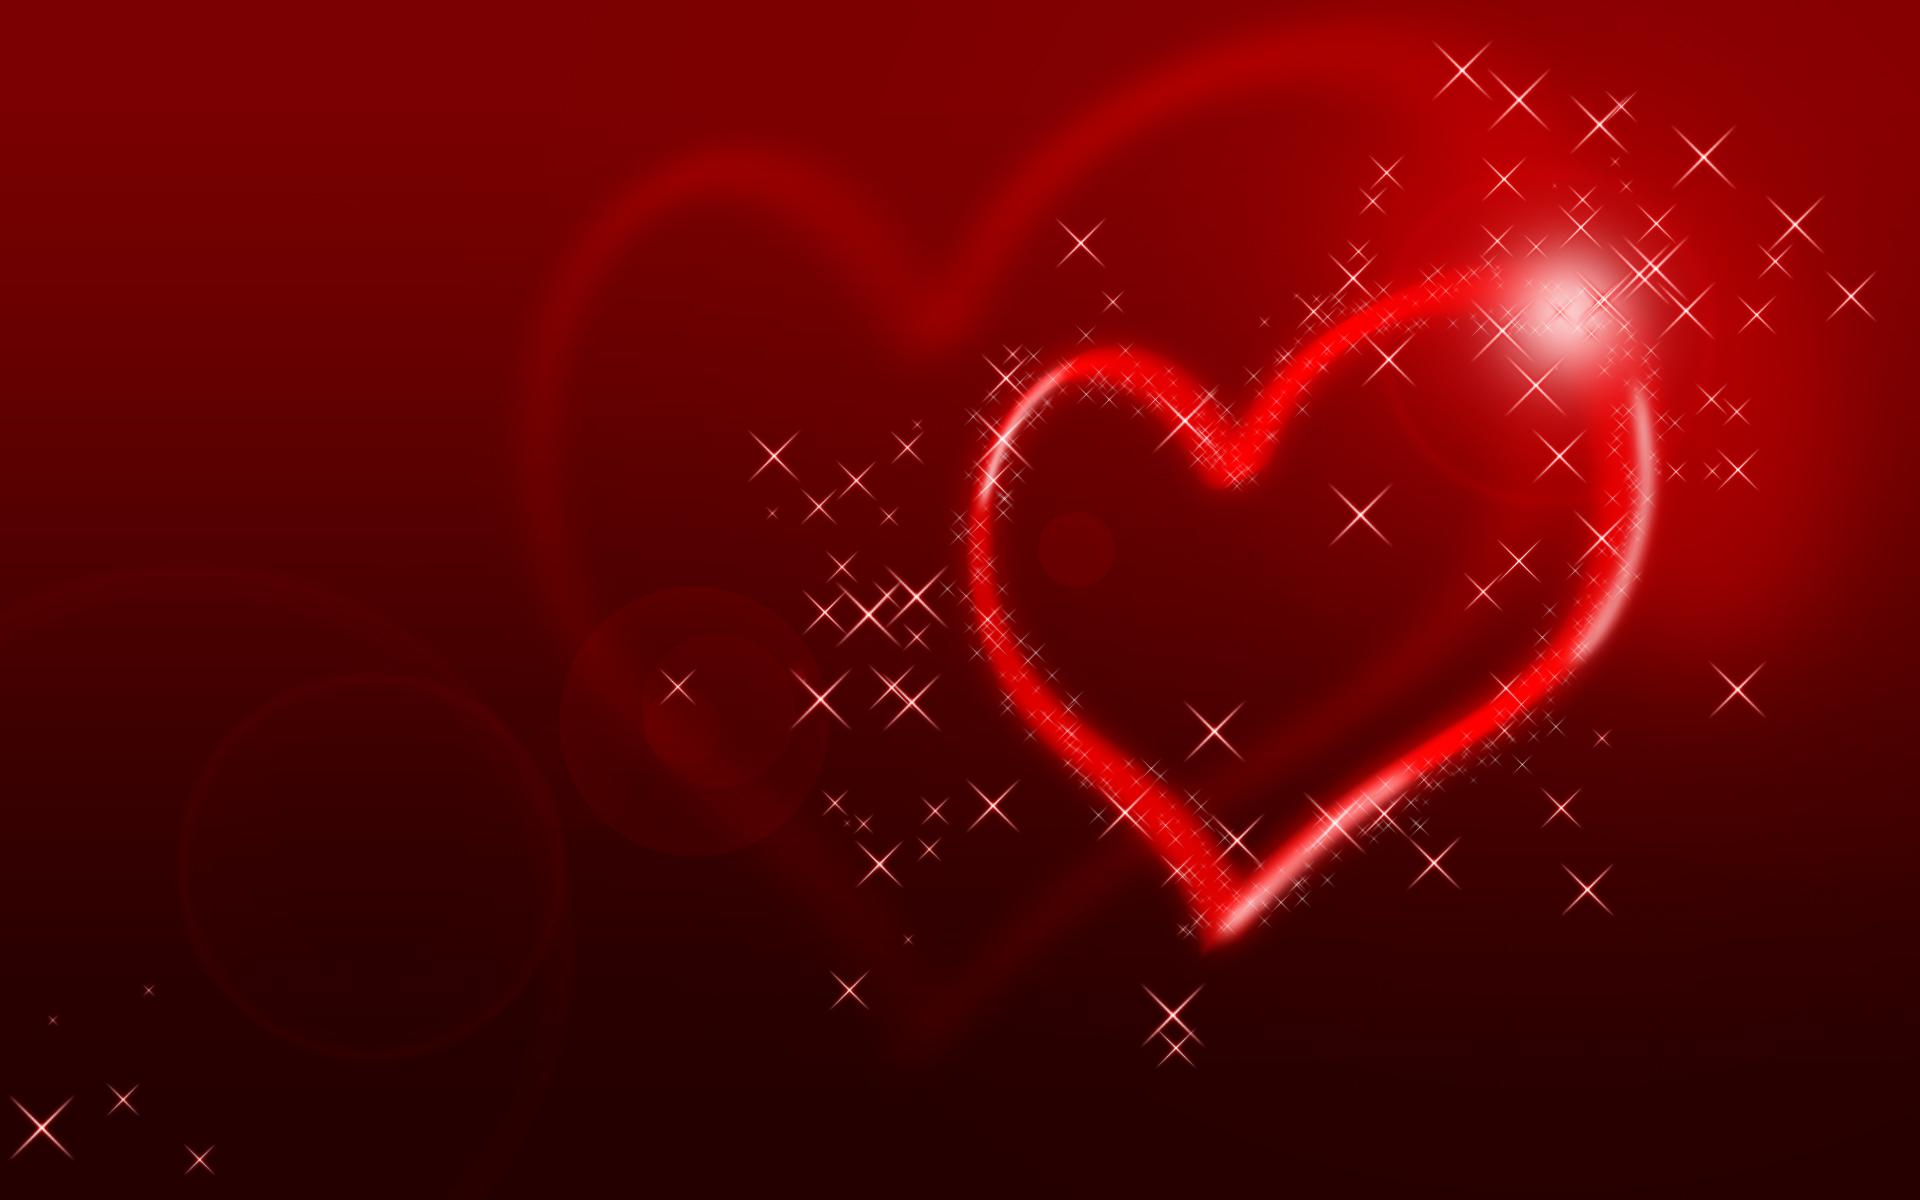 [49+] Hearts Wallpaper...